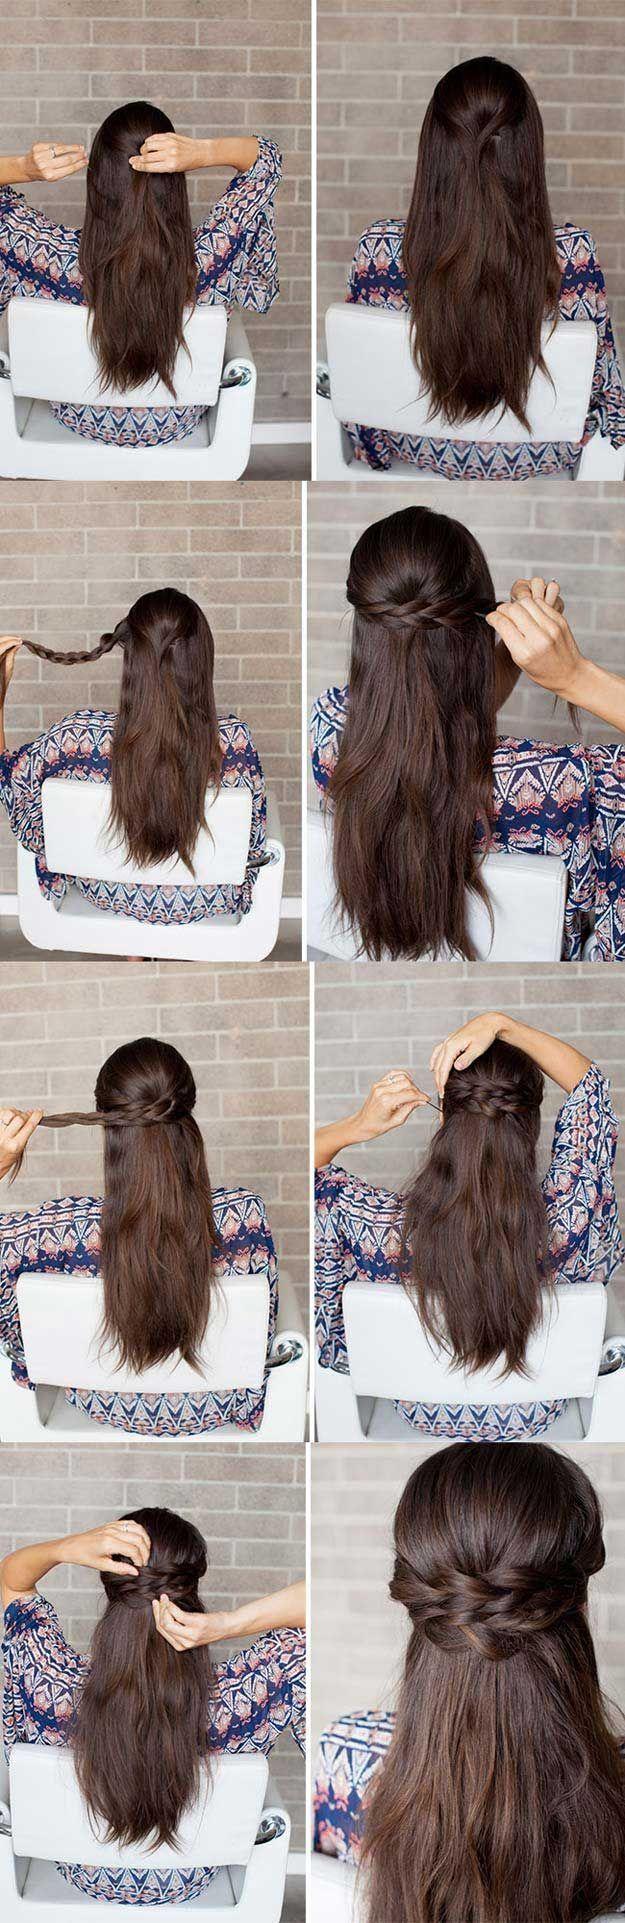 2018 Halb hoch halb runter Frisuren für langes Haar – #frisuren #langes #runter